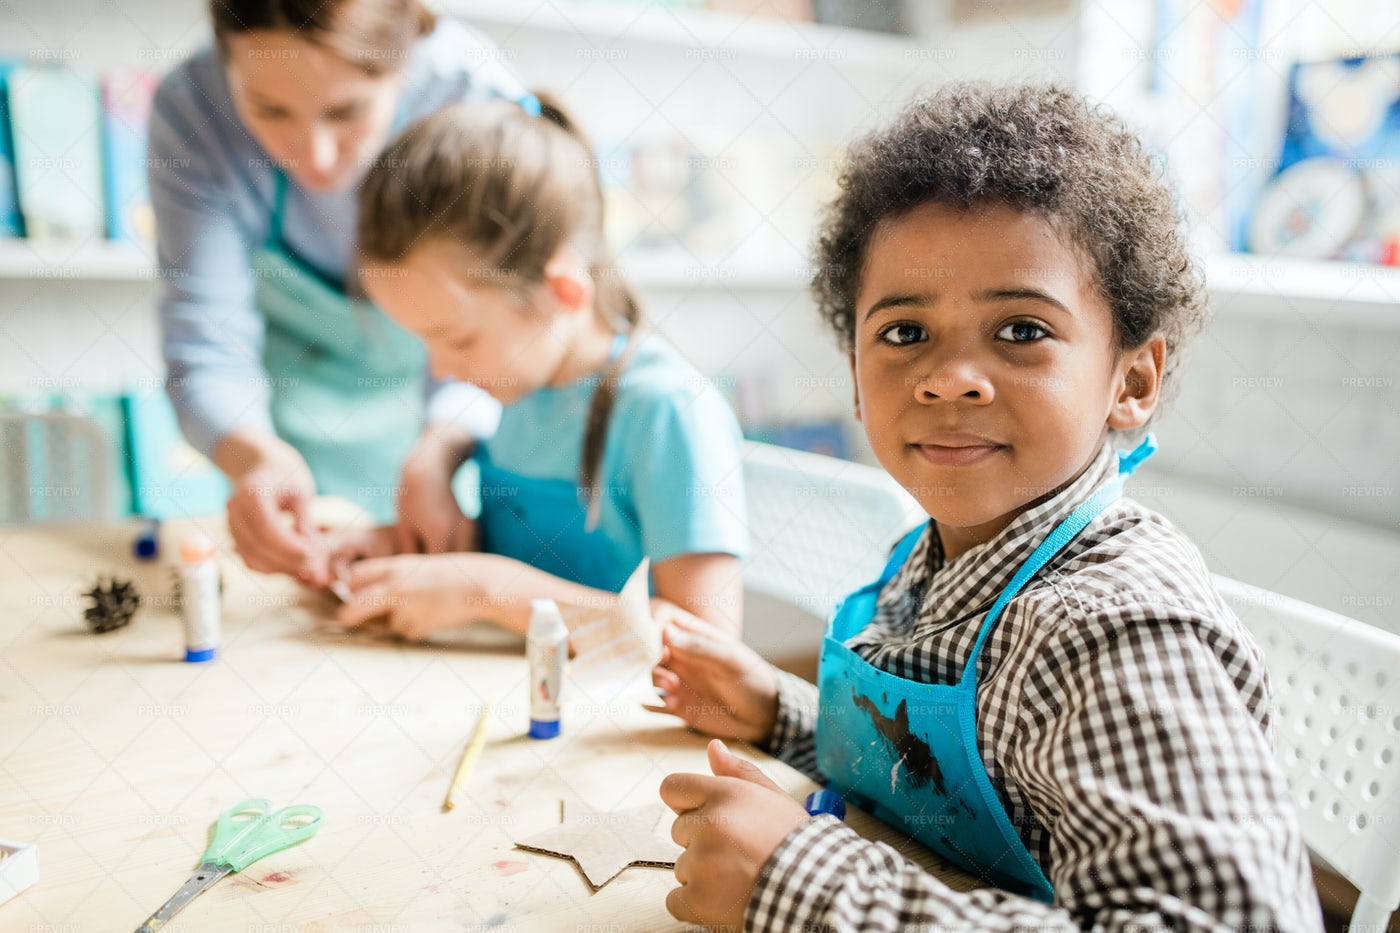 Cute Schoolboy In Blue Apron...: Stock Photos